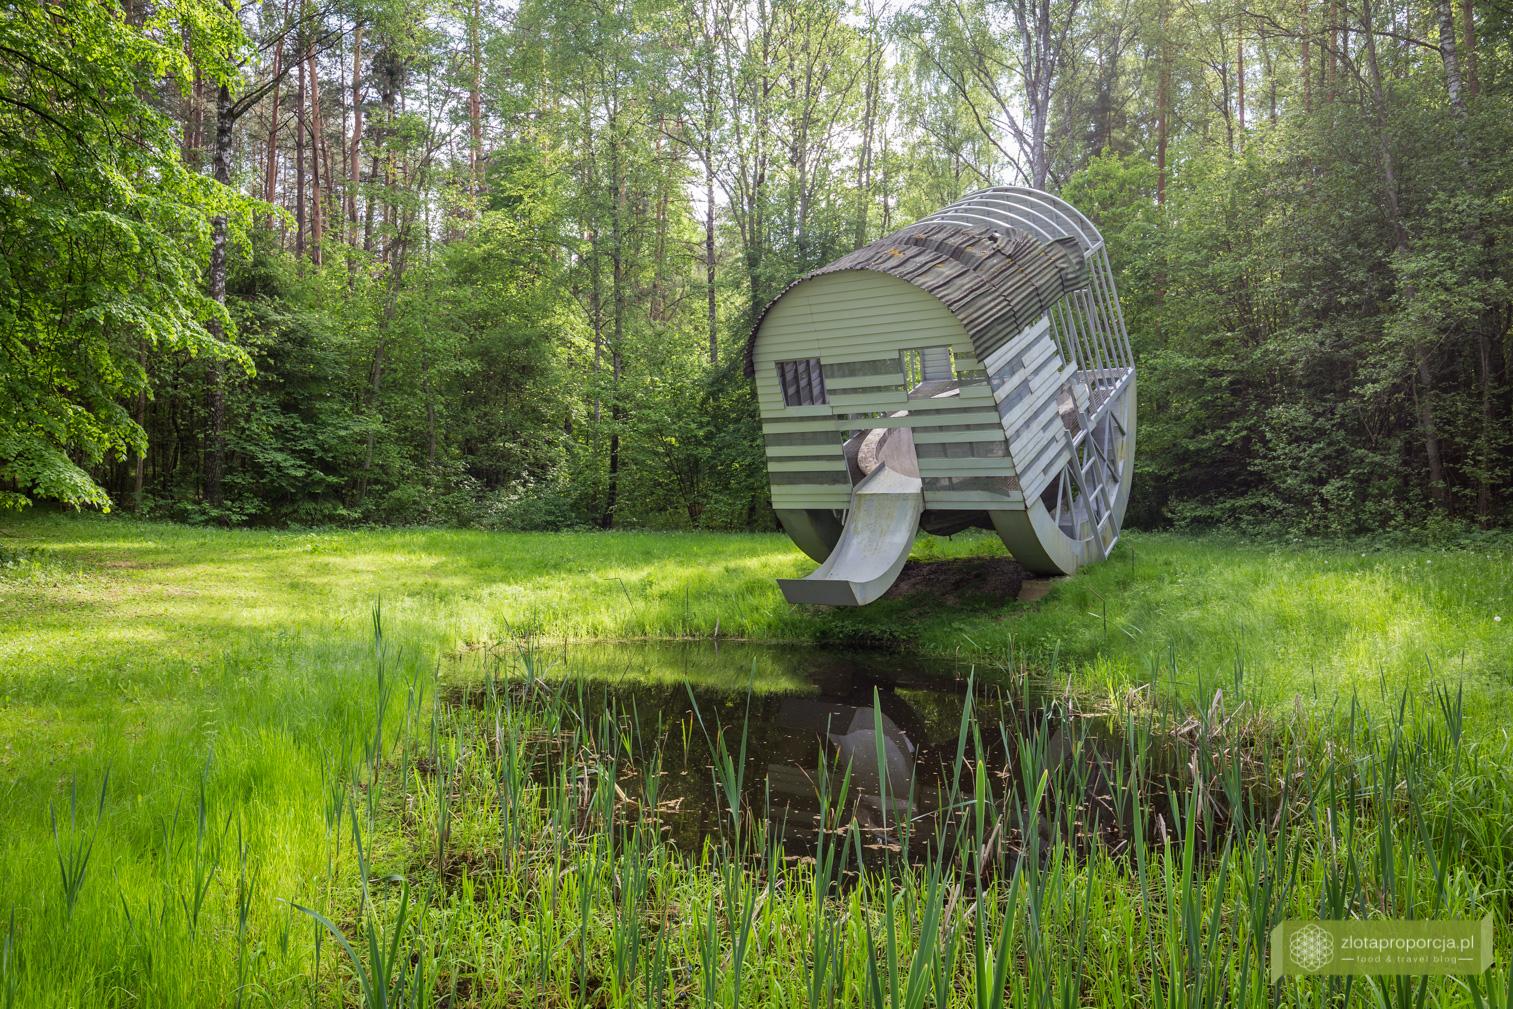 Park Europy, Wilno, okolice Wilna, Litwa, atrakcje Litwy, rzeźby, Pijąca struktura z basenem w kształcie nerki, Dennis Oppenheim